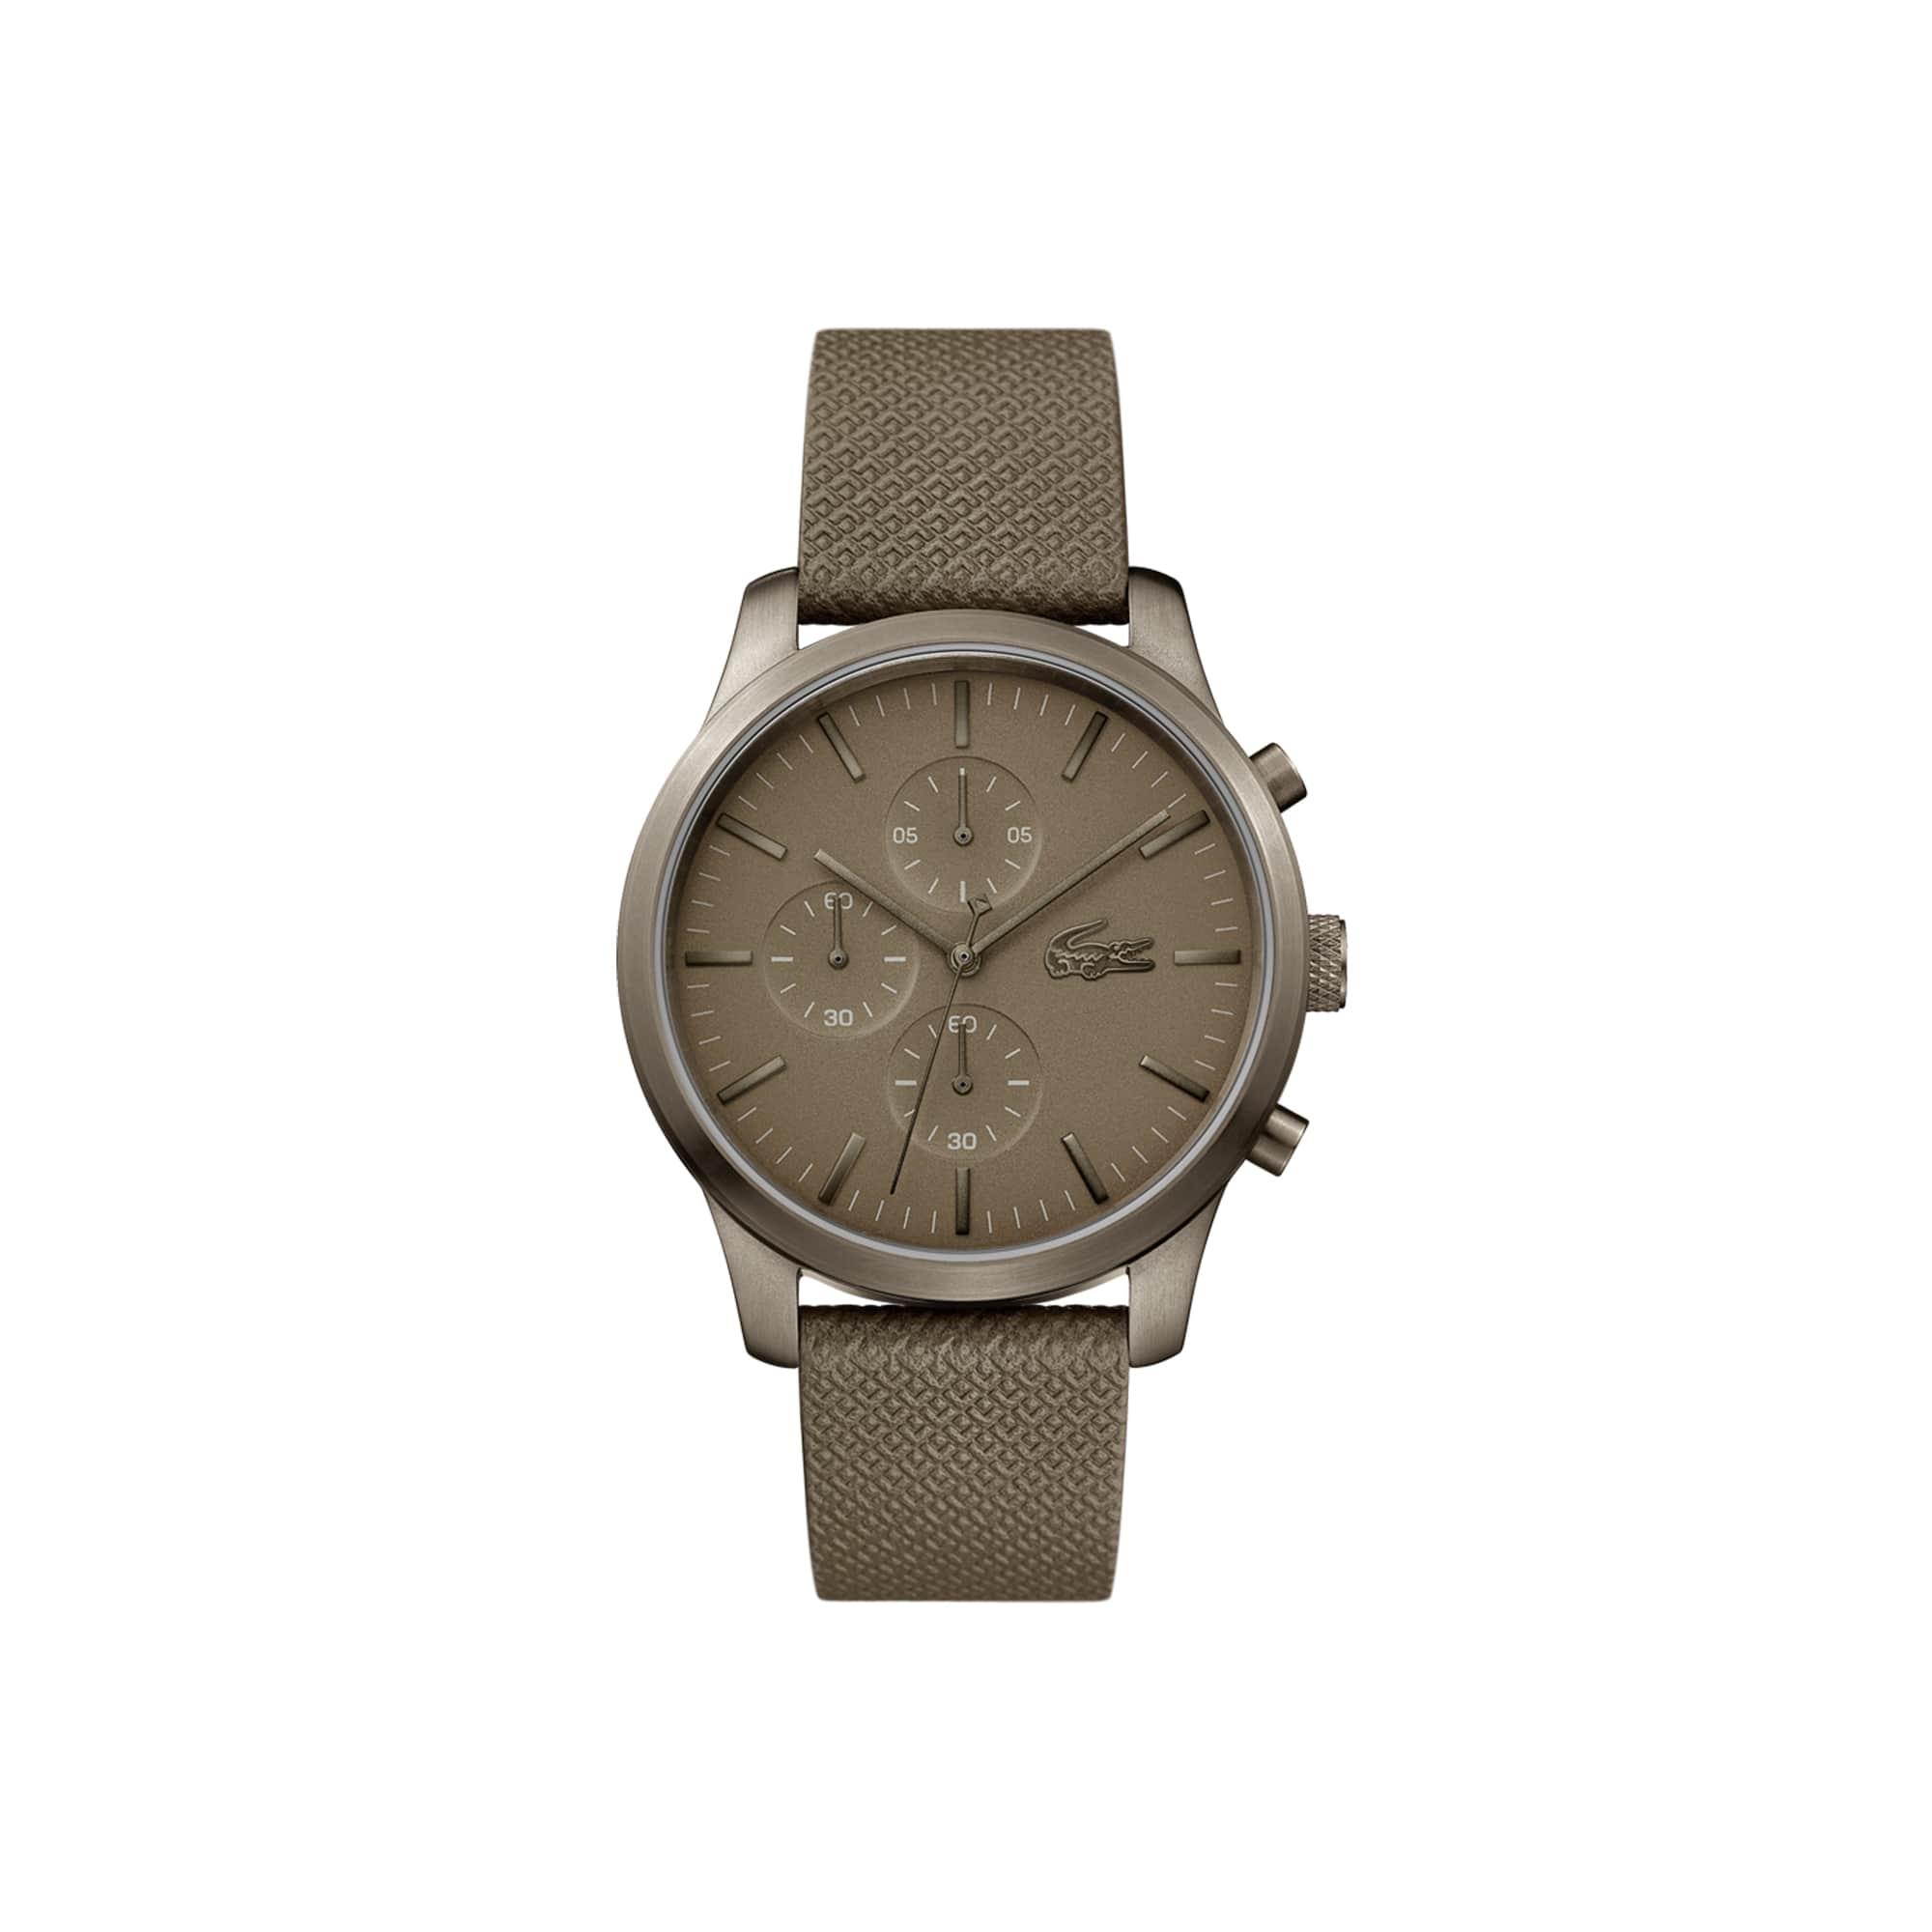 Reloj Lacoste 12.12 edición 85 aniversario, con cronógrafo y pulsera de cuero pequeño piqué caqui repujado